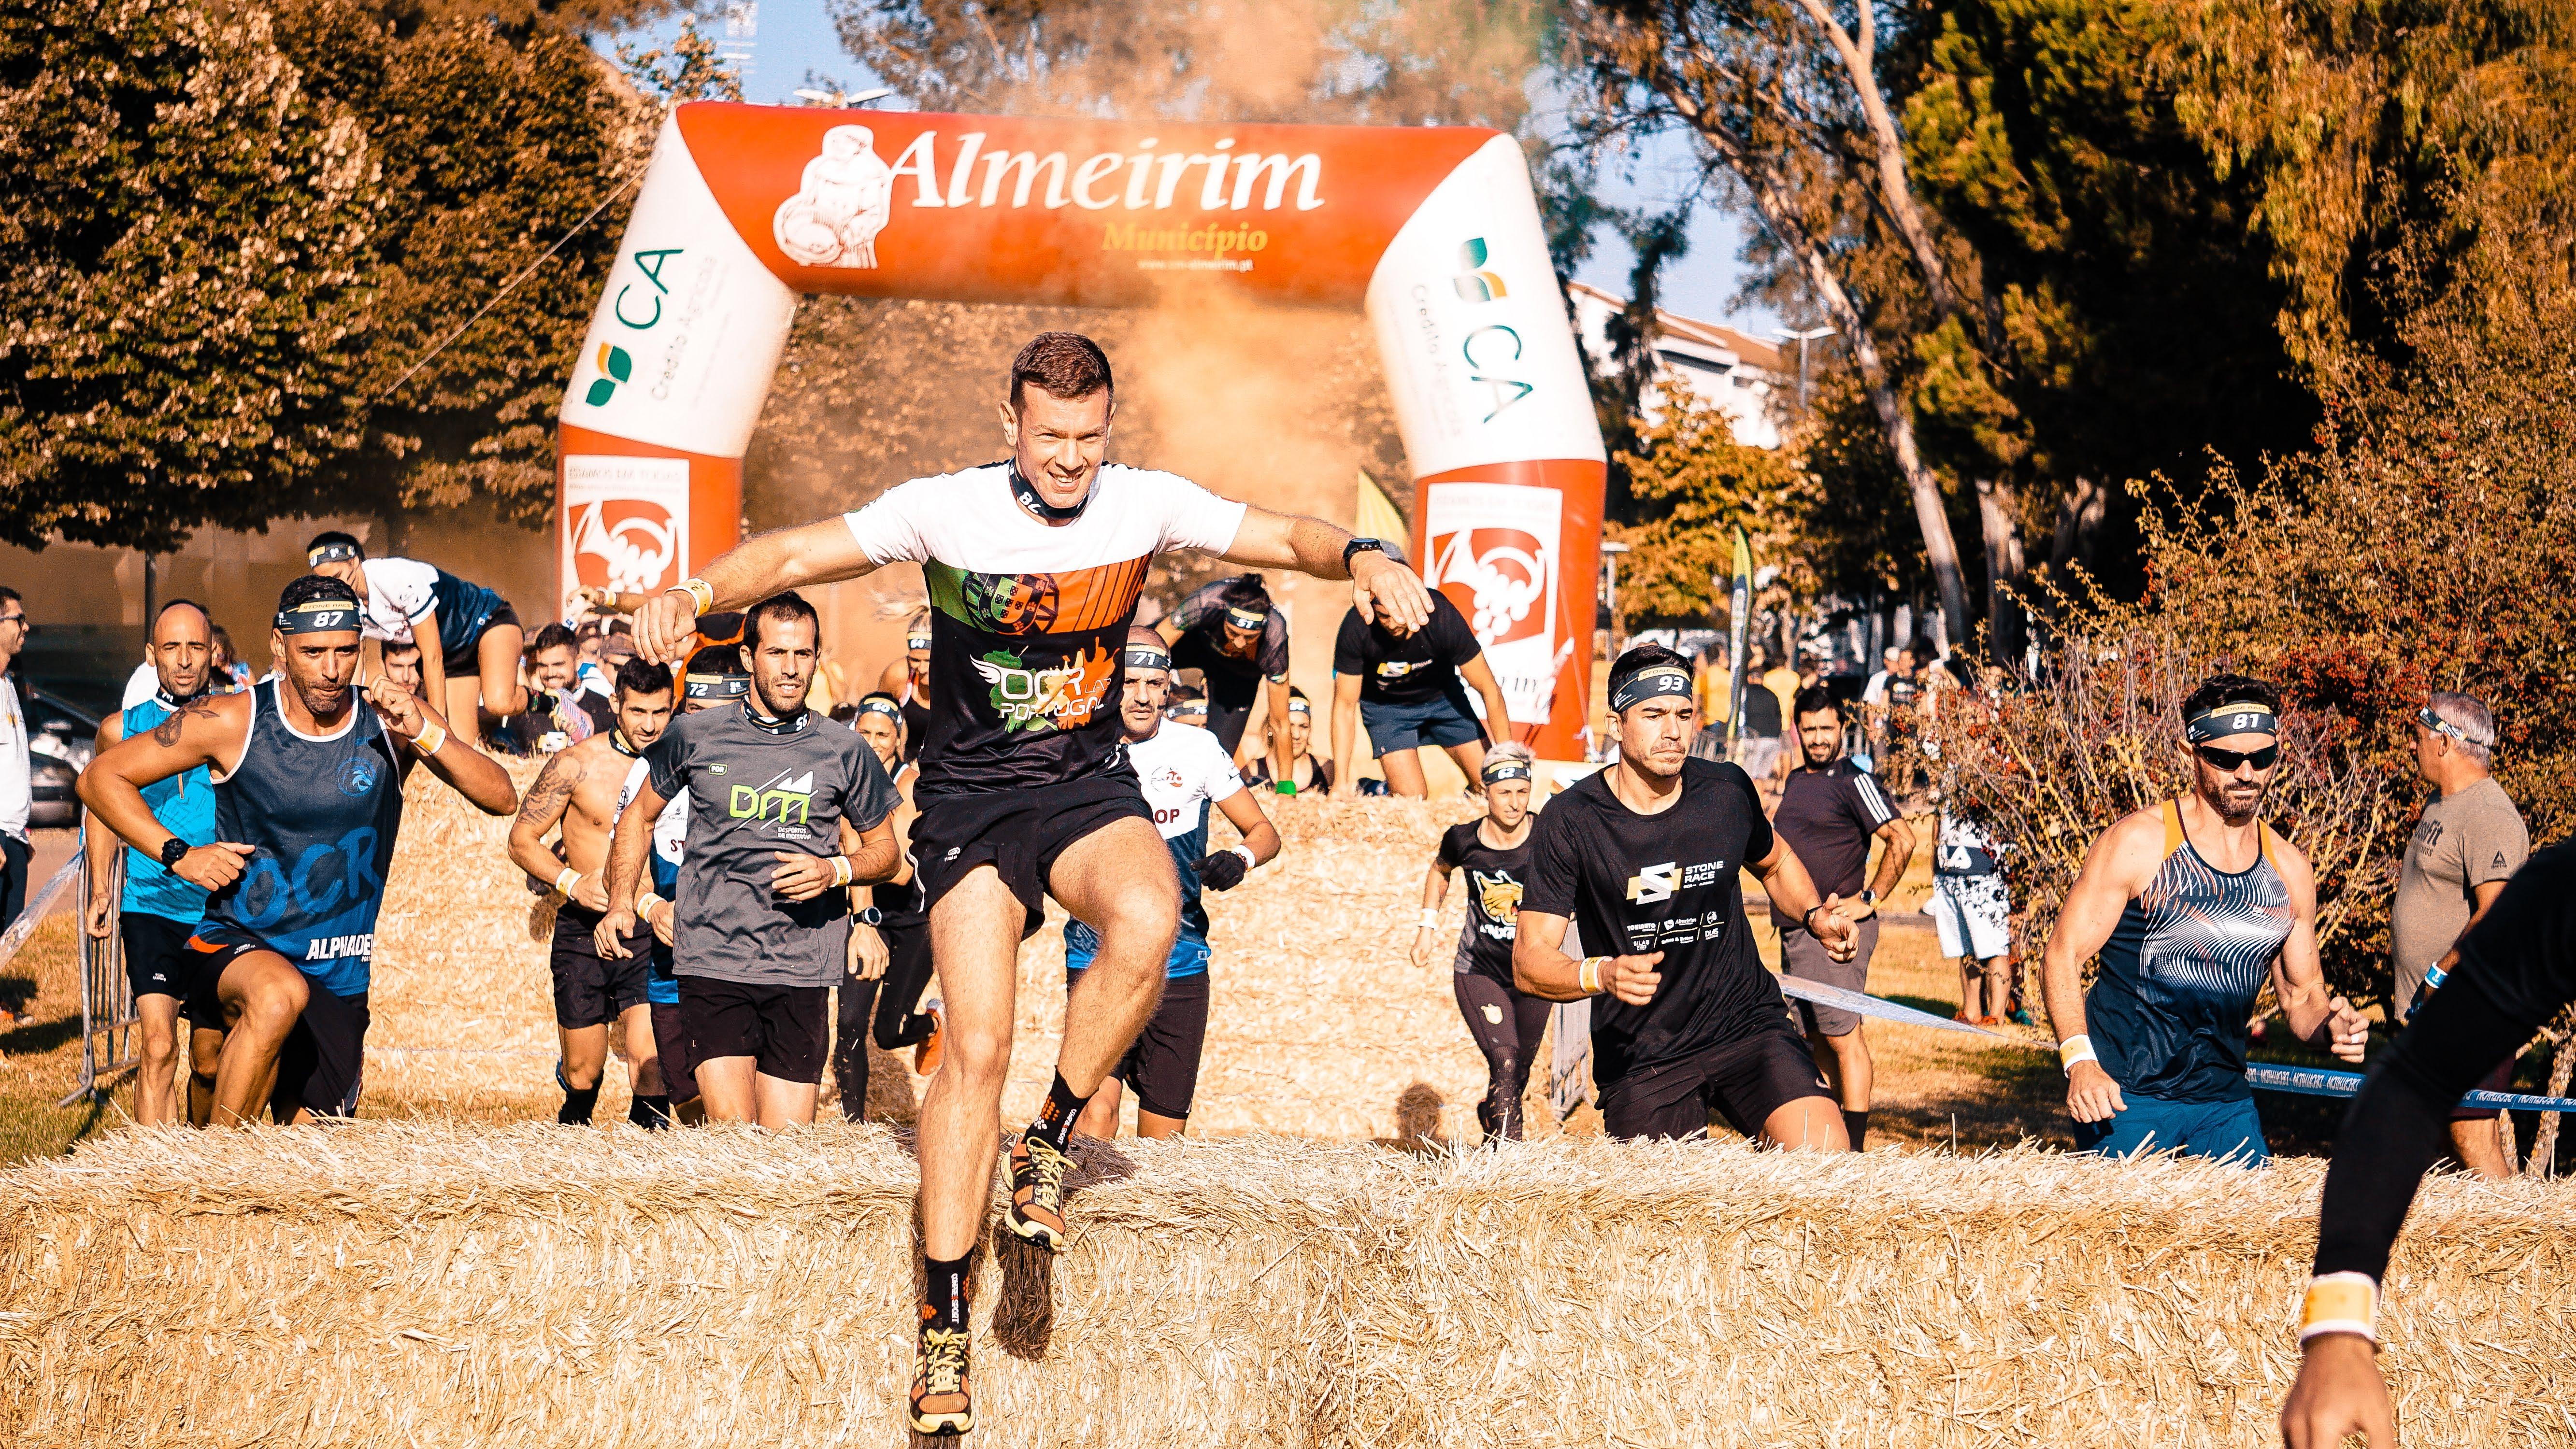 Group of Men Running